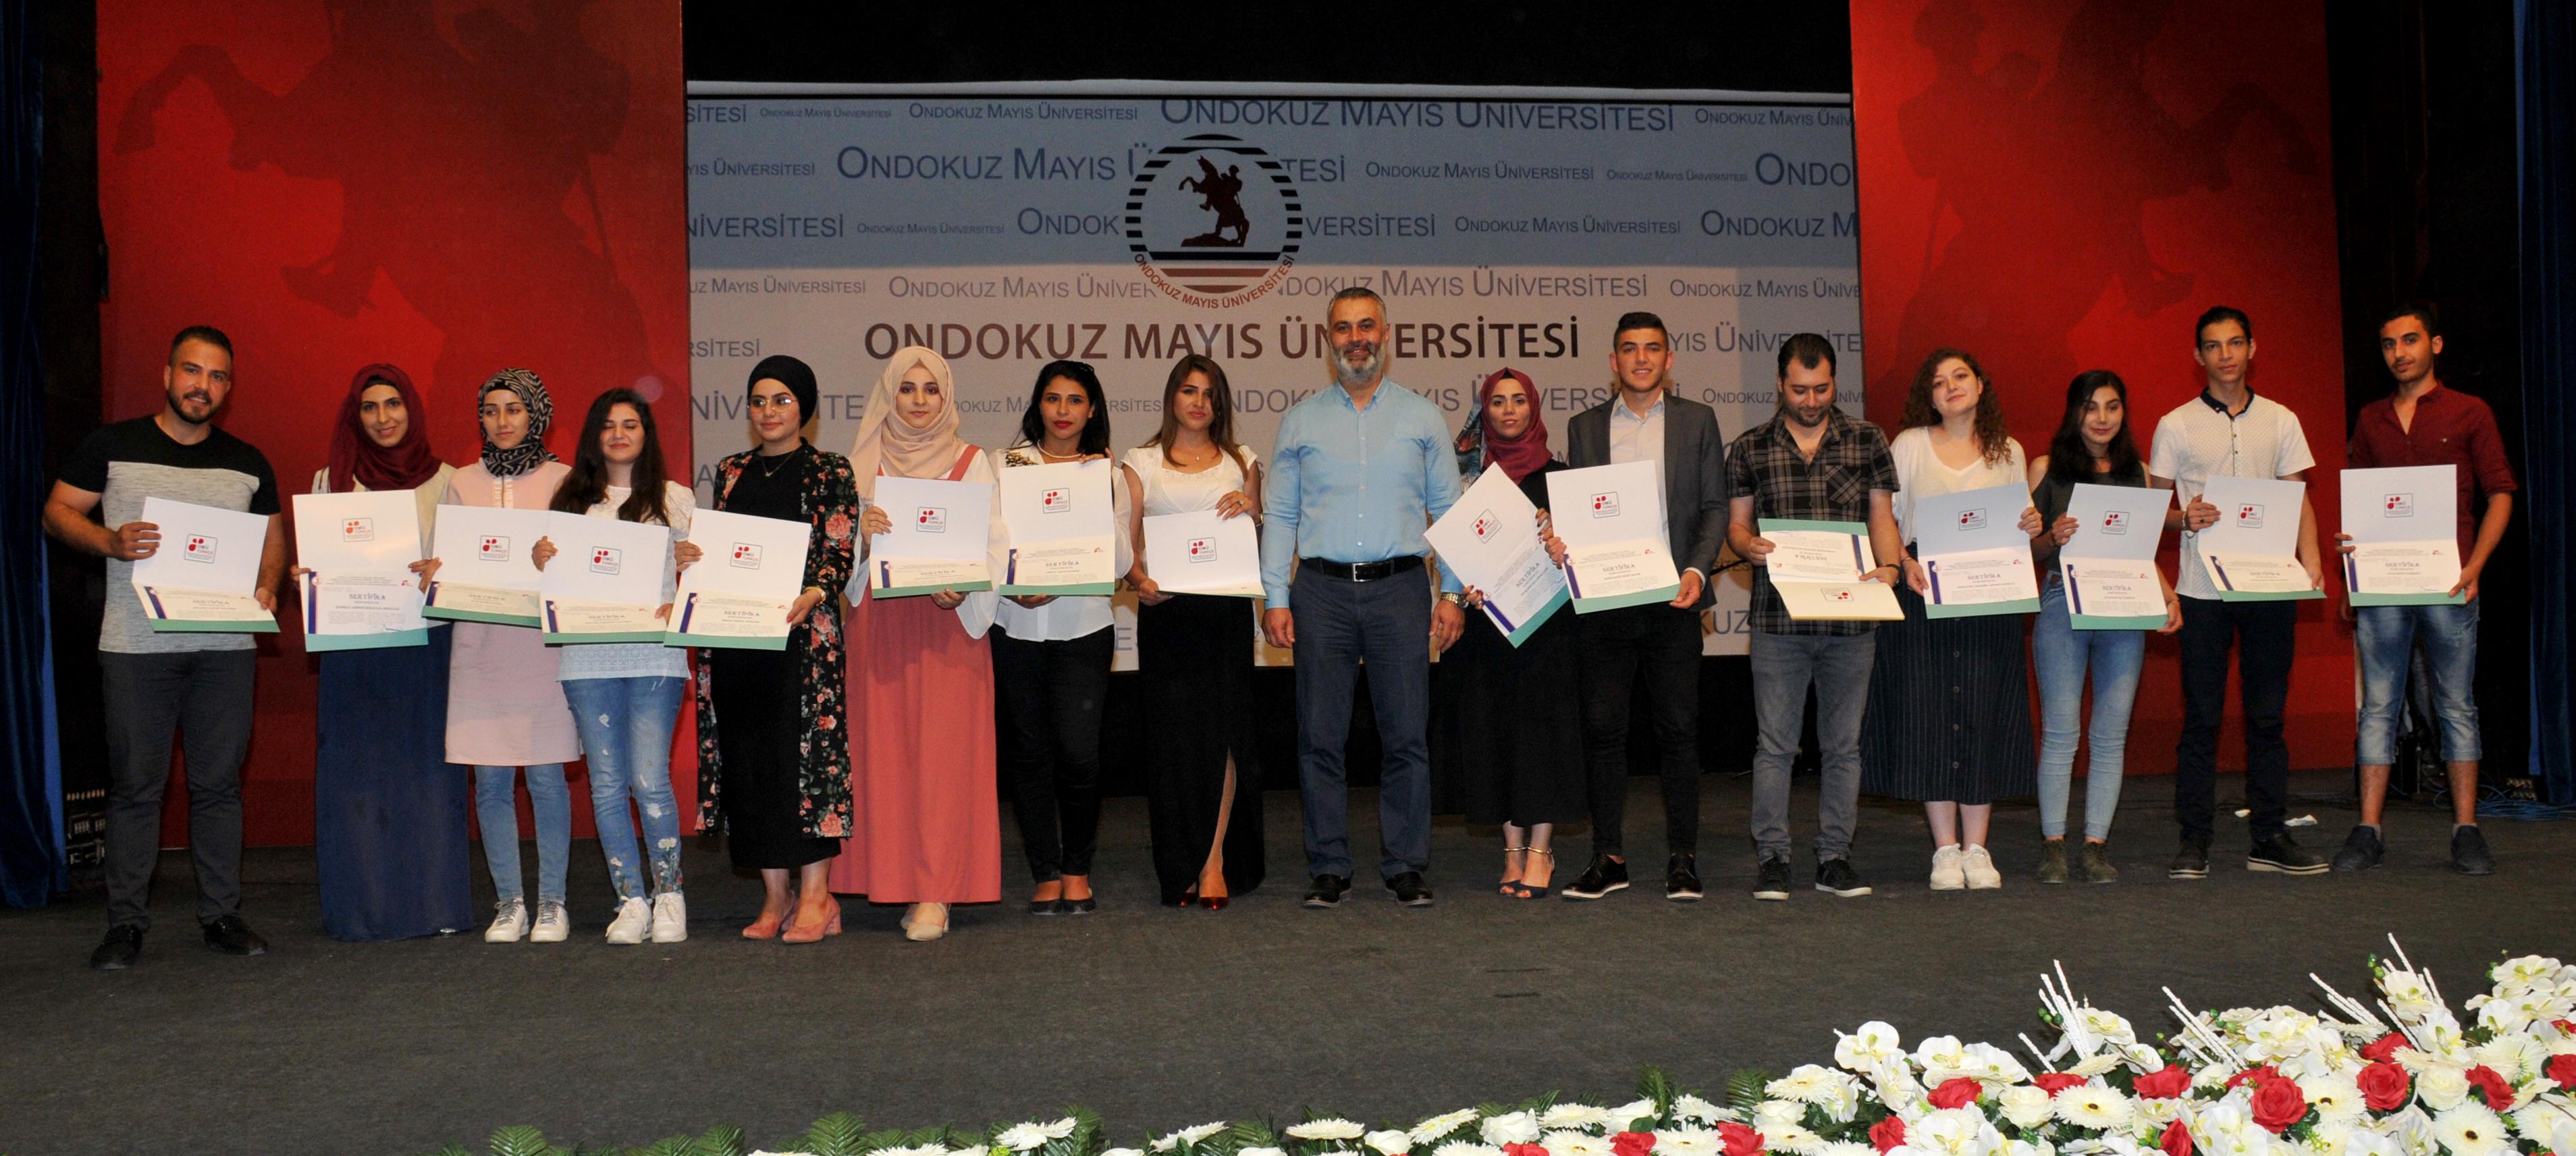 http://www.omu.edu.tr/sites/default/files/files/uluslararasi_ogrencilerle_turkce_soleni/dsc_0842.jpg